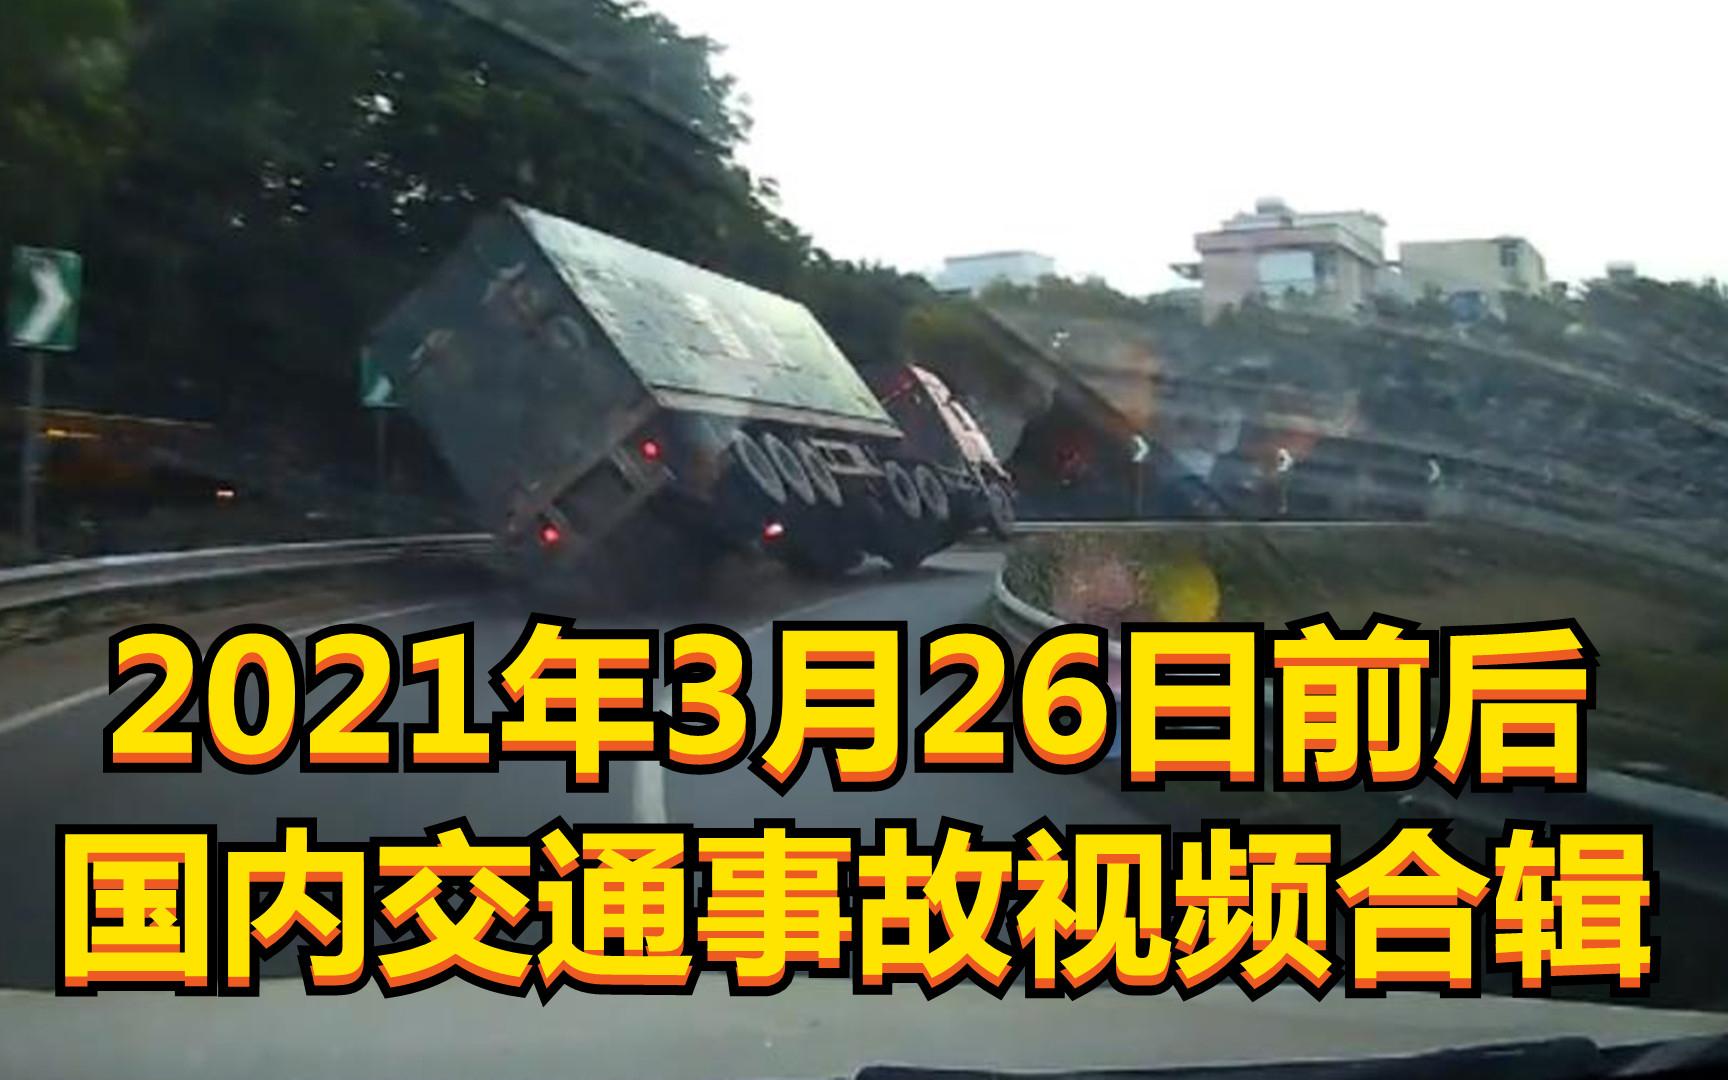 2021年3月26日前后国内交通事故视频合辑(被欧卡游戏劝退的玩家)